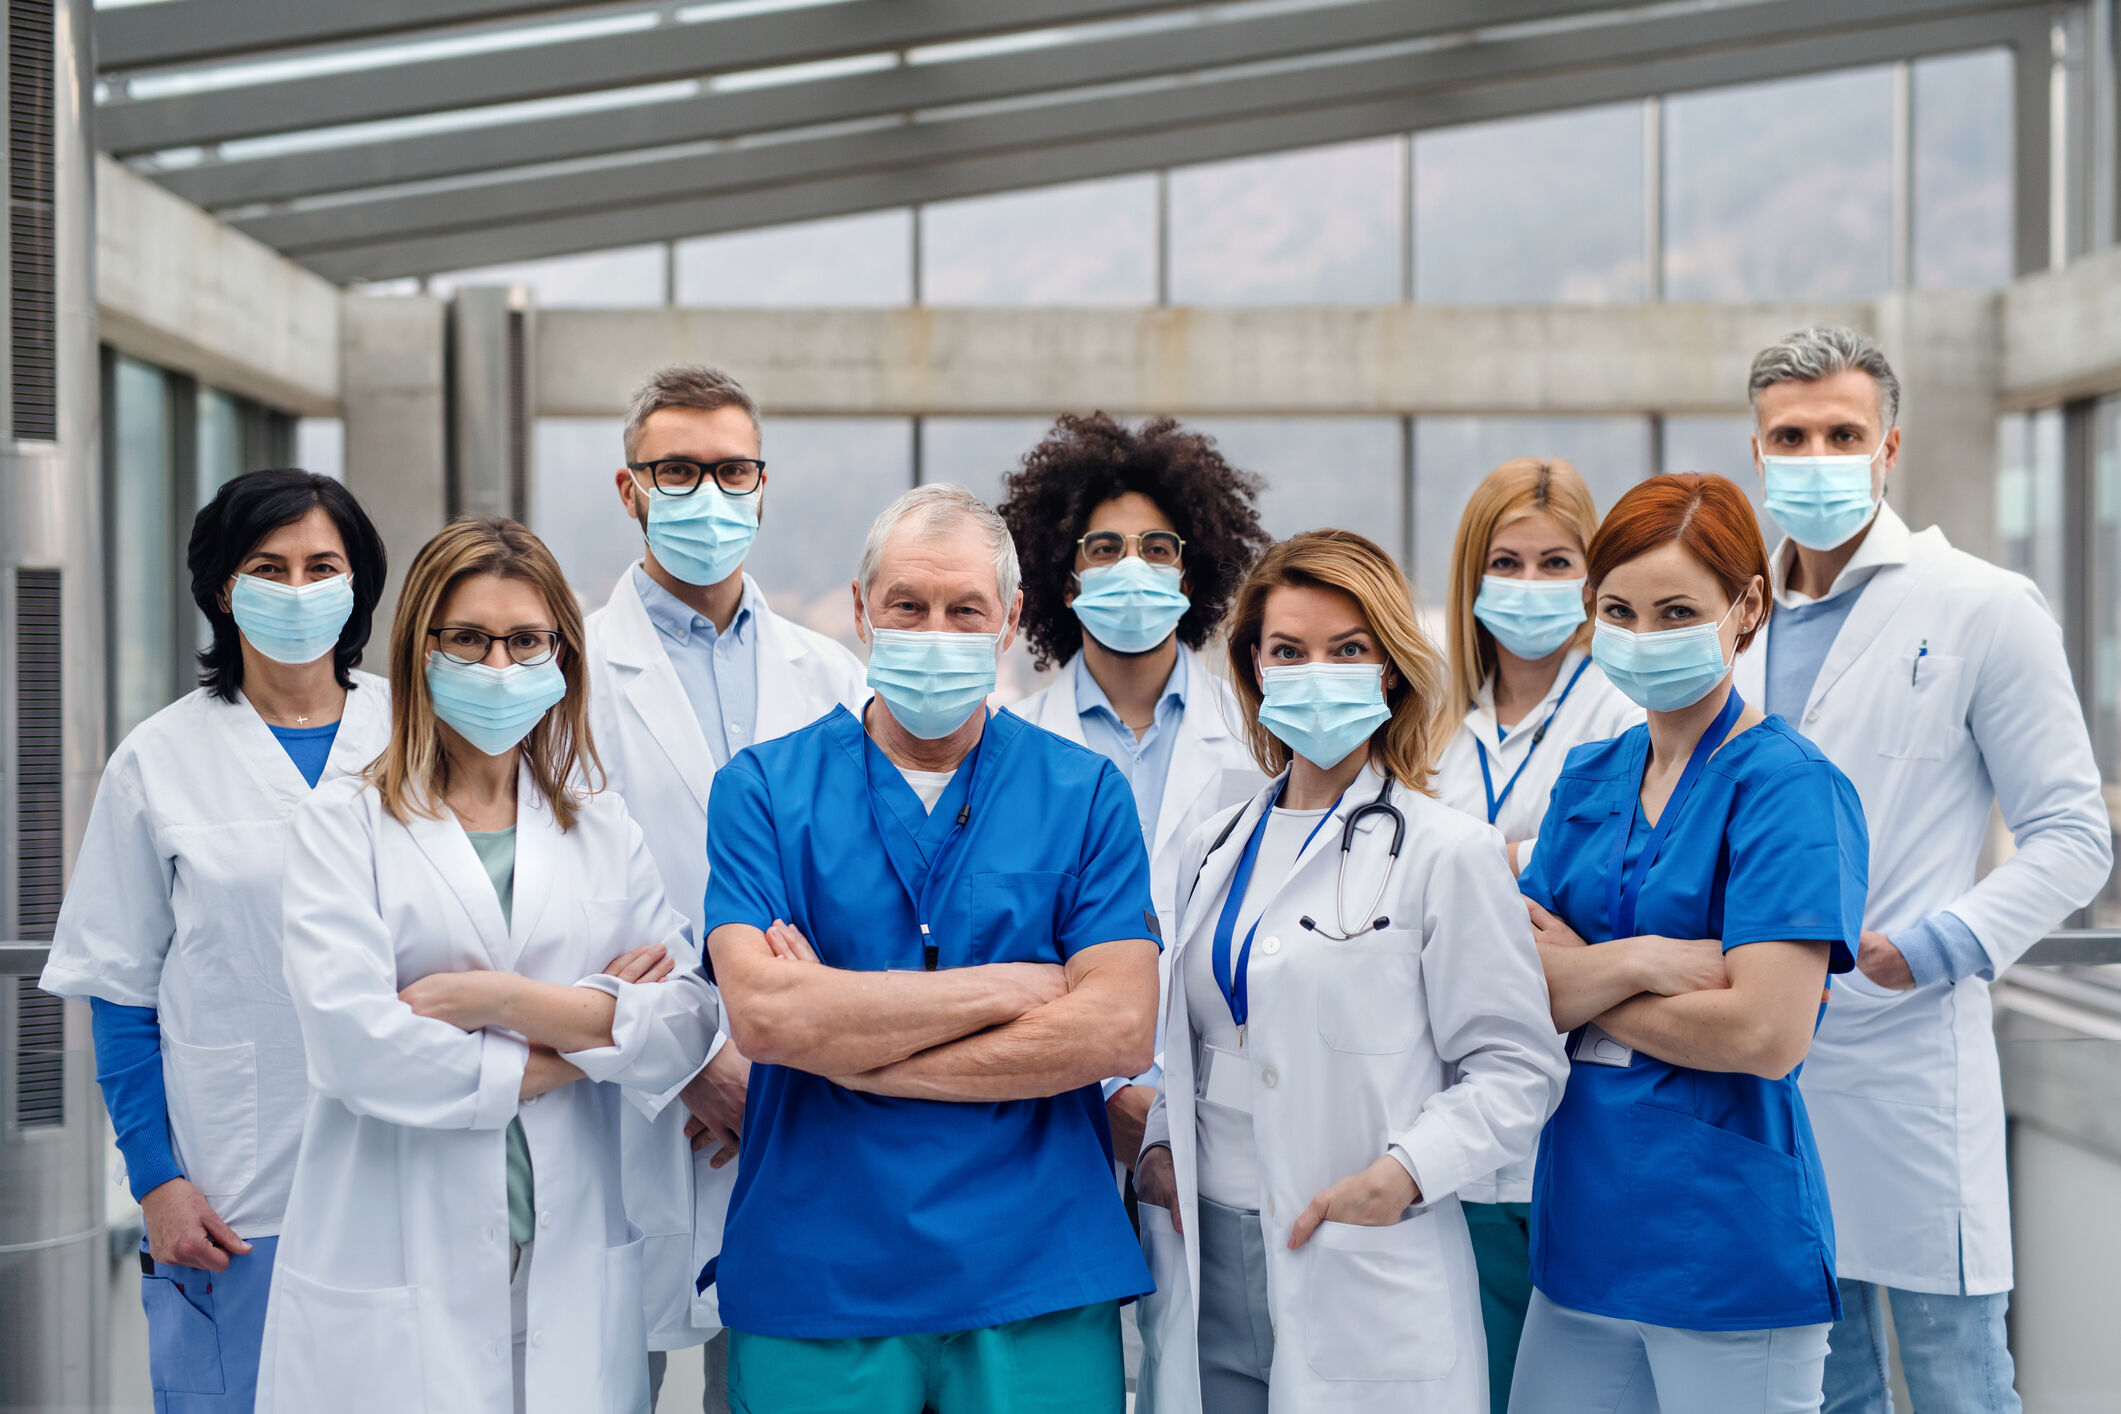 DC-area ER doctor talks about concerns of front-line ...